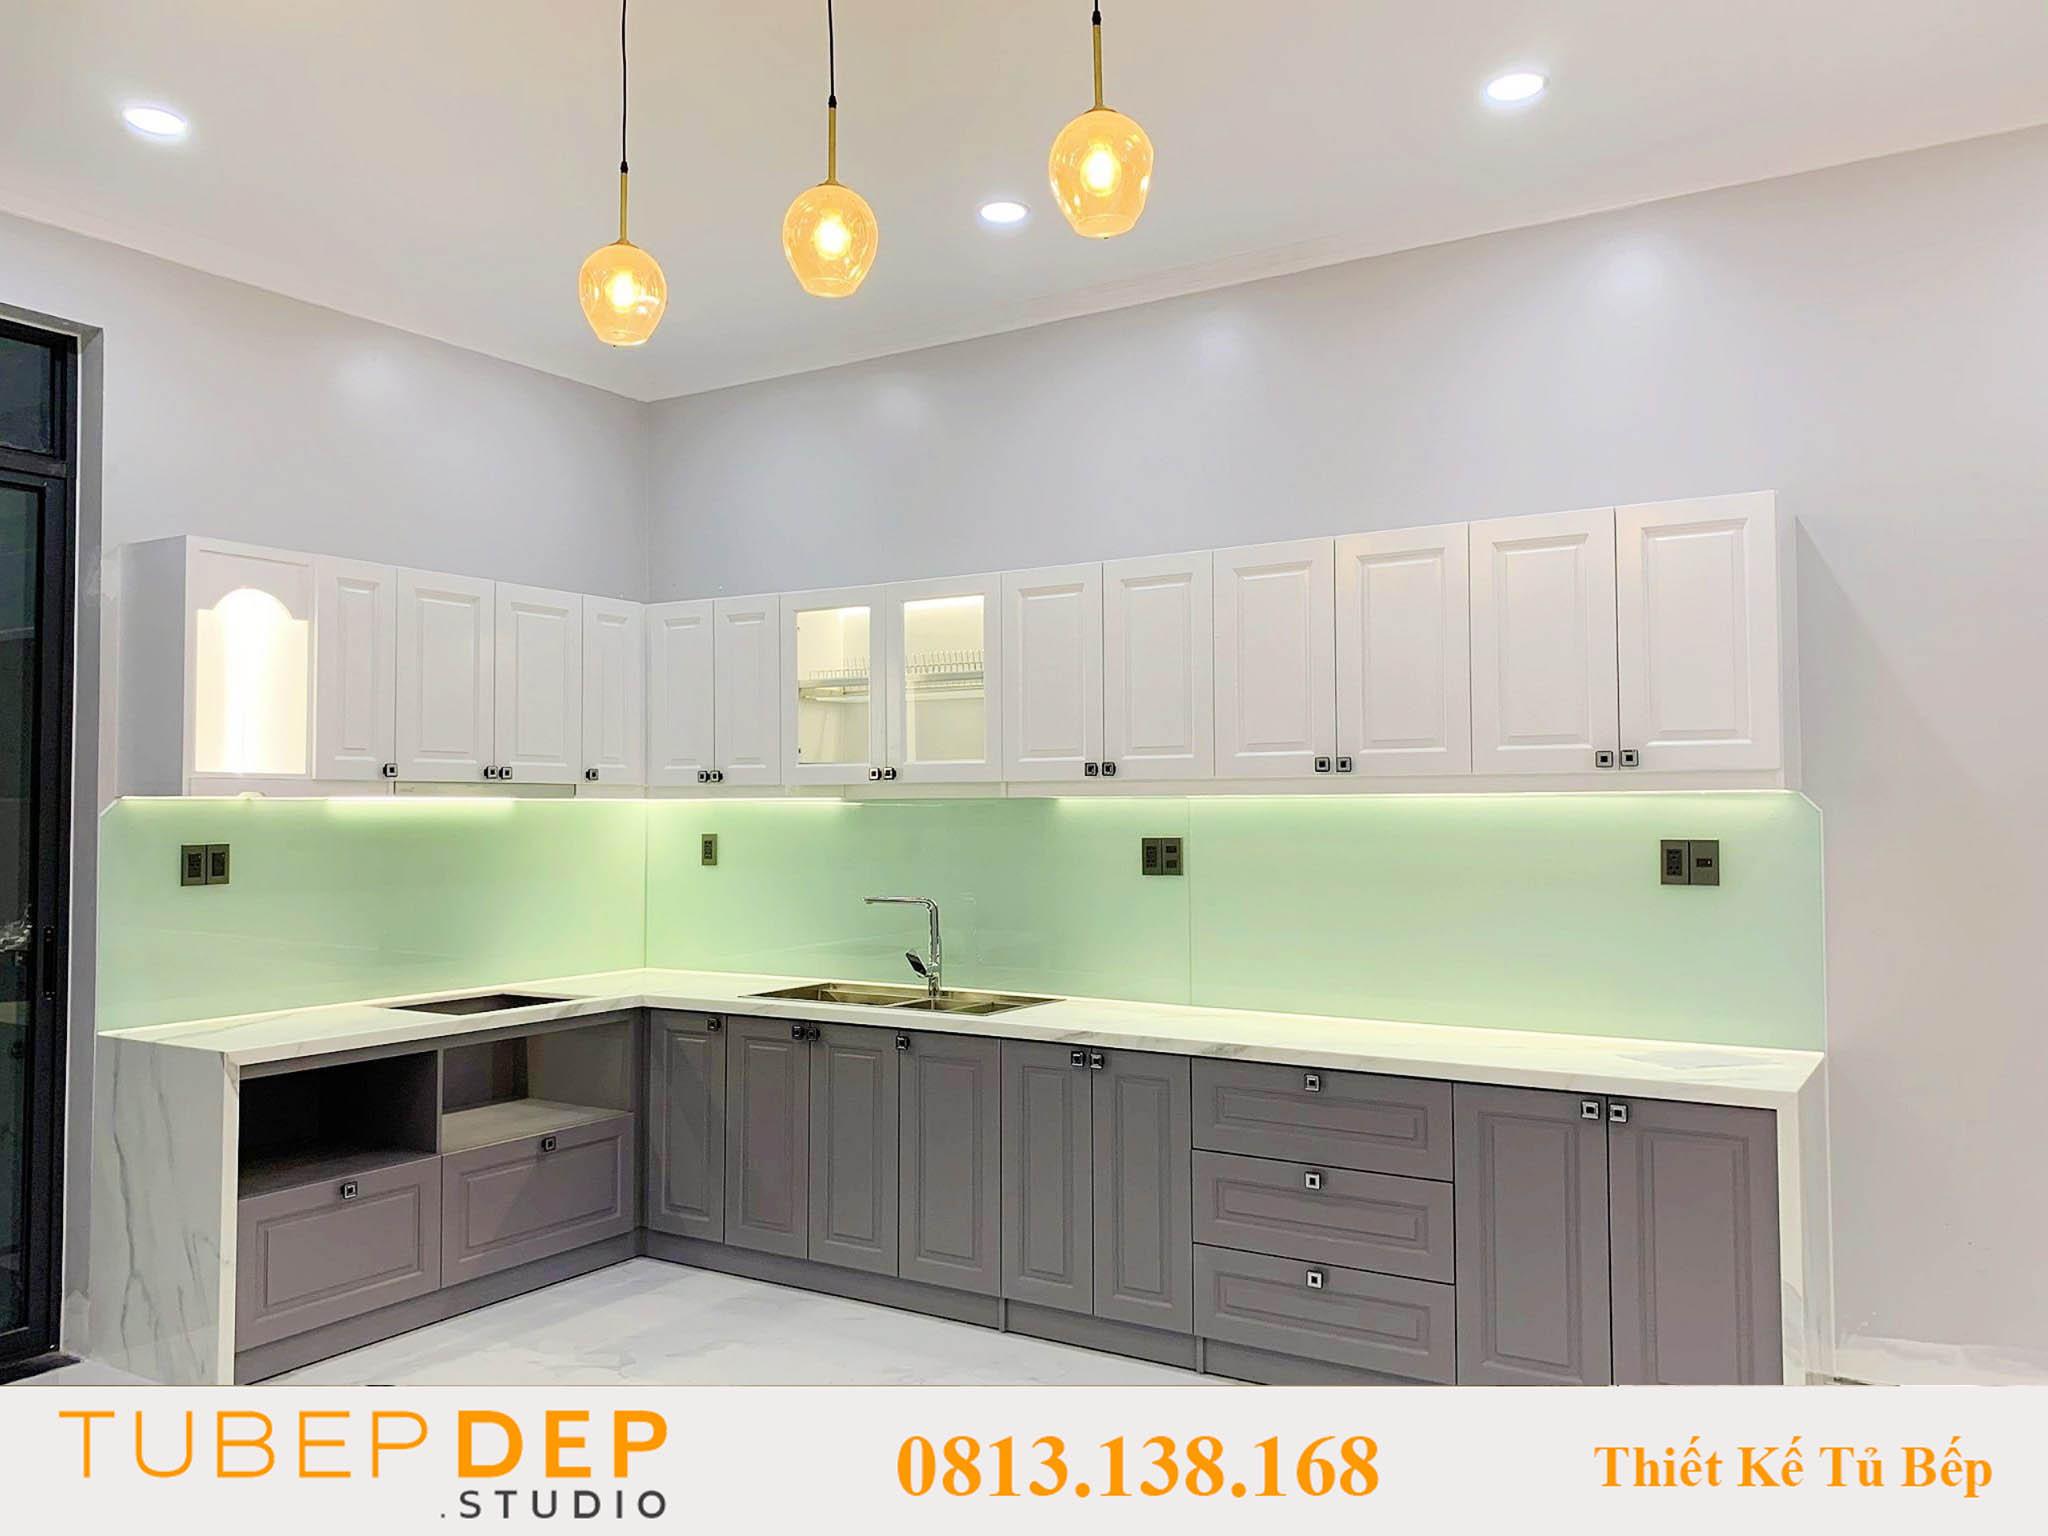 Đơn vị thiết kế tủ bếp cao cấp tại Tân Bình